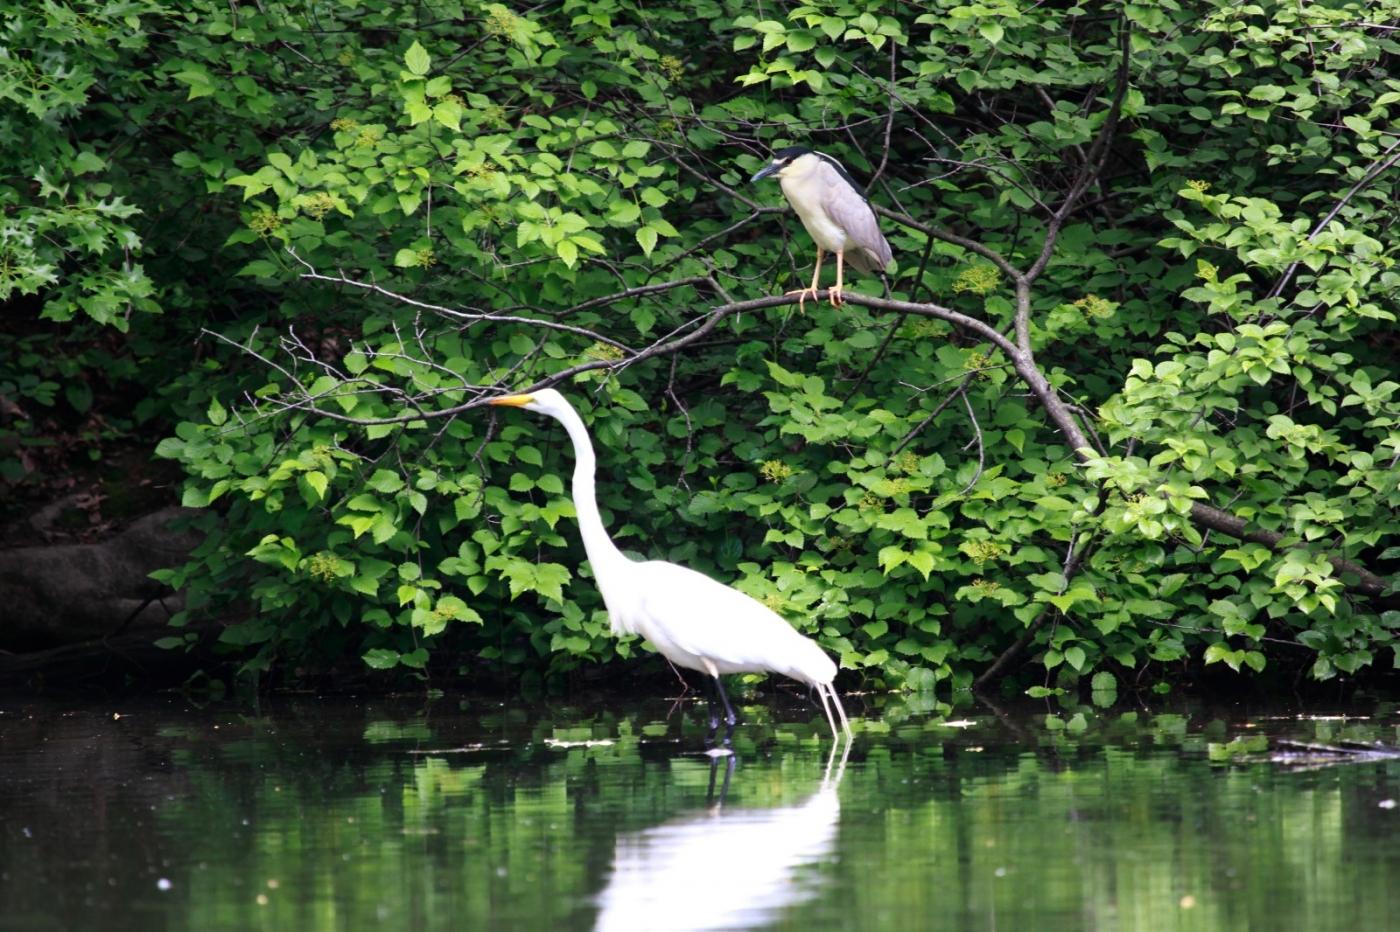 中央公园的白鹭,姿态优美,游客喜爱_图1-13